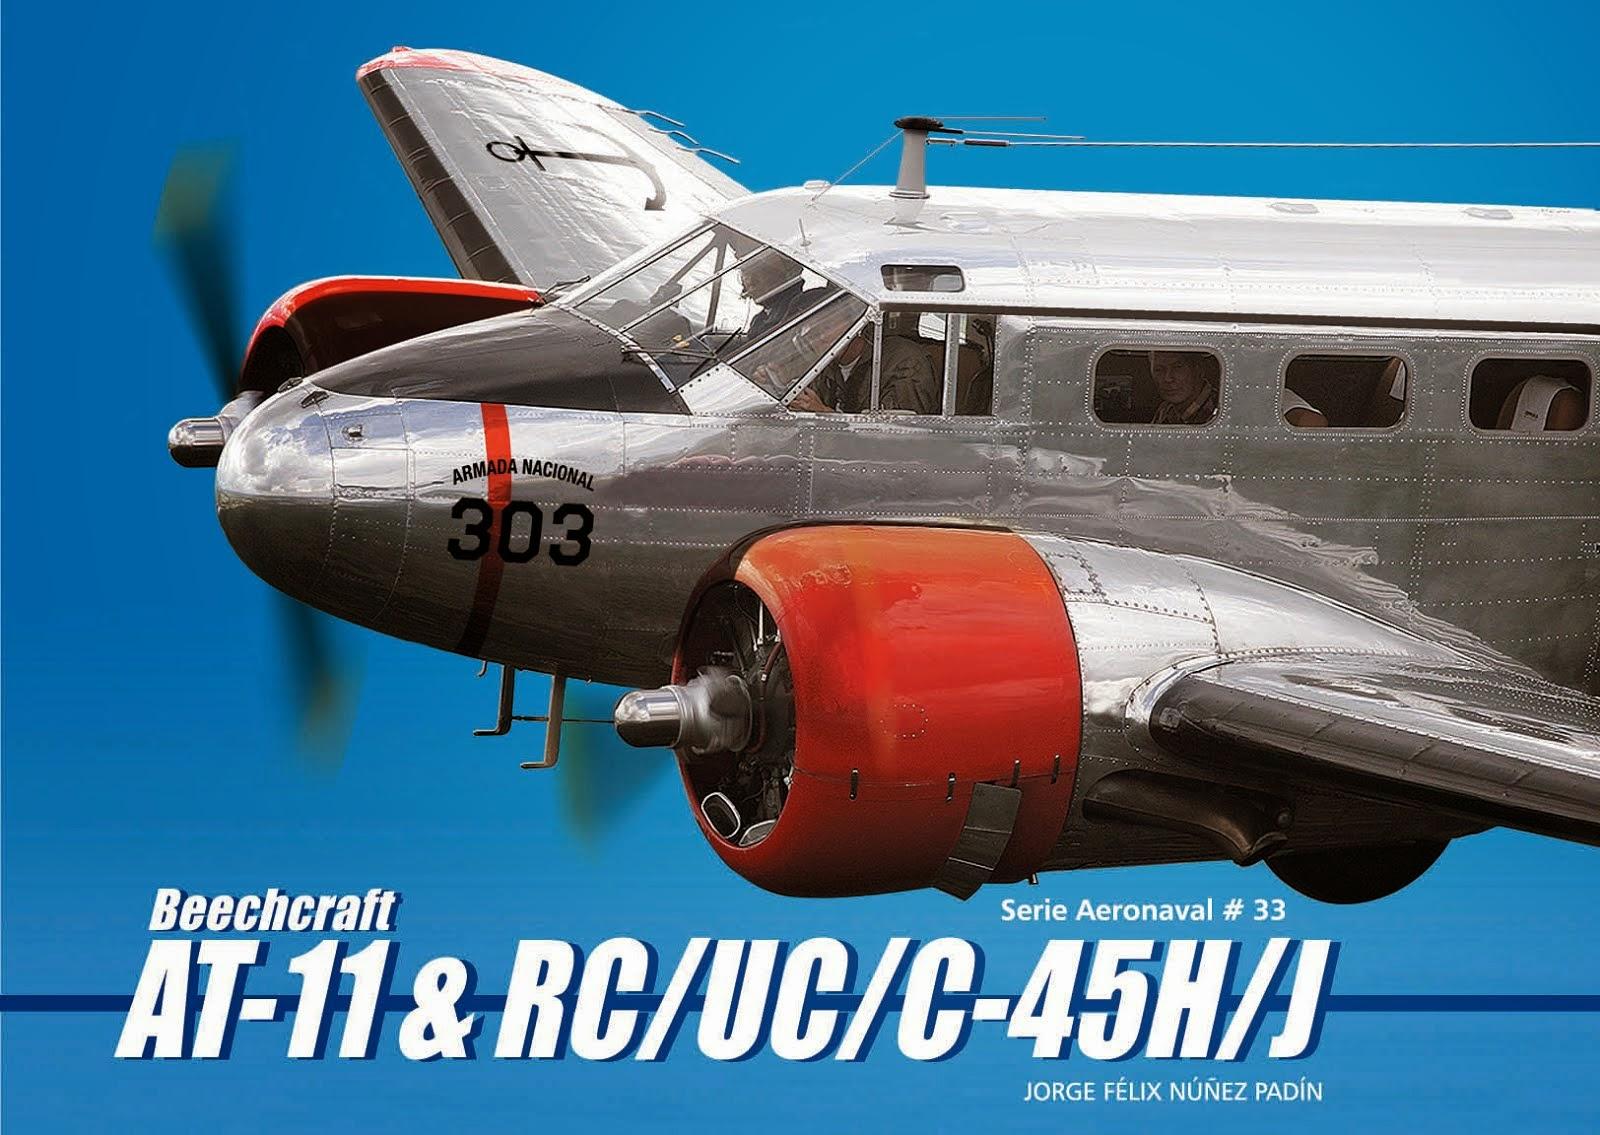 Serie Aeronaval N°33 - Beechcraft AT-11 & RC/UC/C-45H/J (Ing. Jorge Nuñez Padín)